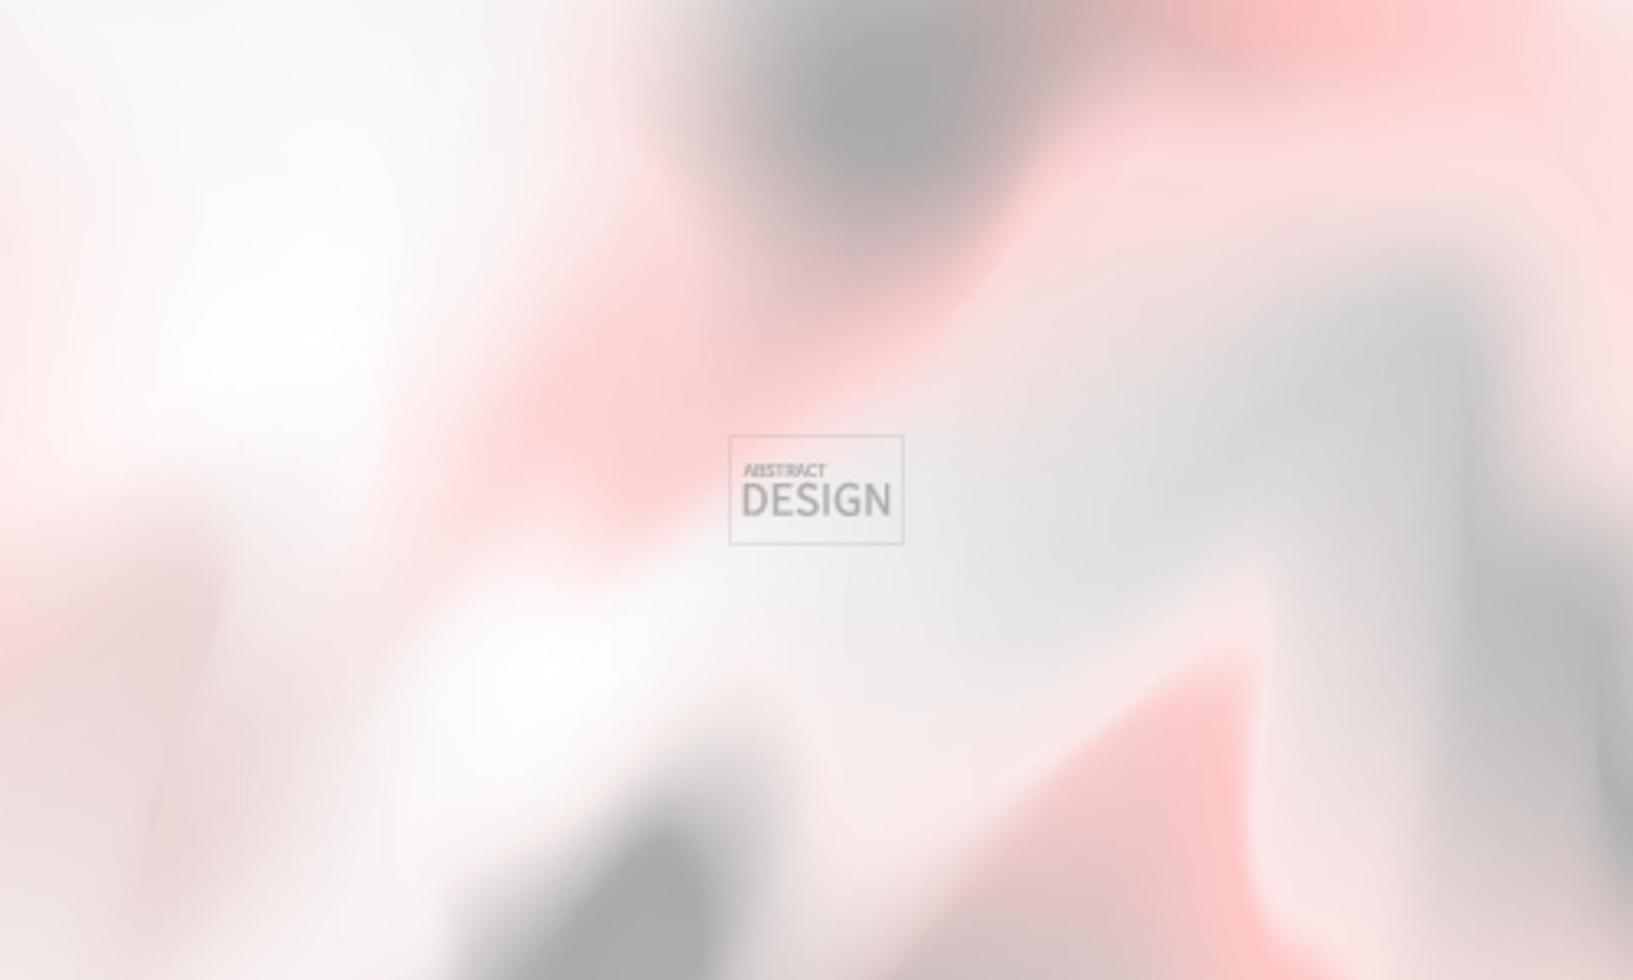 Concepto de ecología de fondo degradado pastel abstracto para su diseño gráfico vector